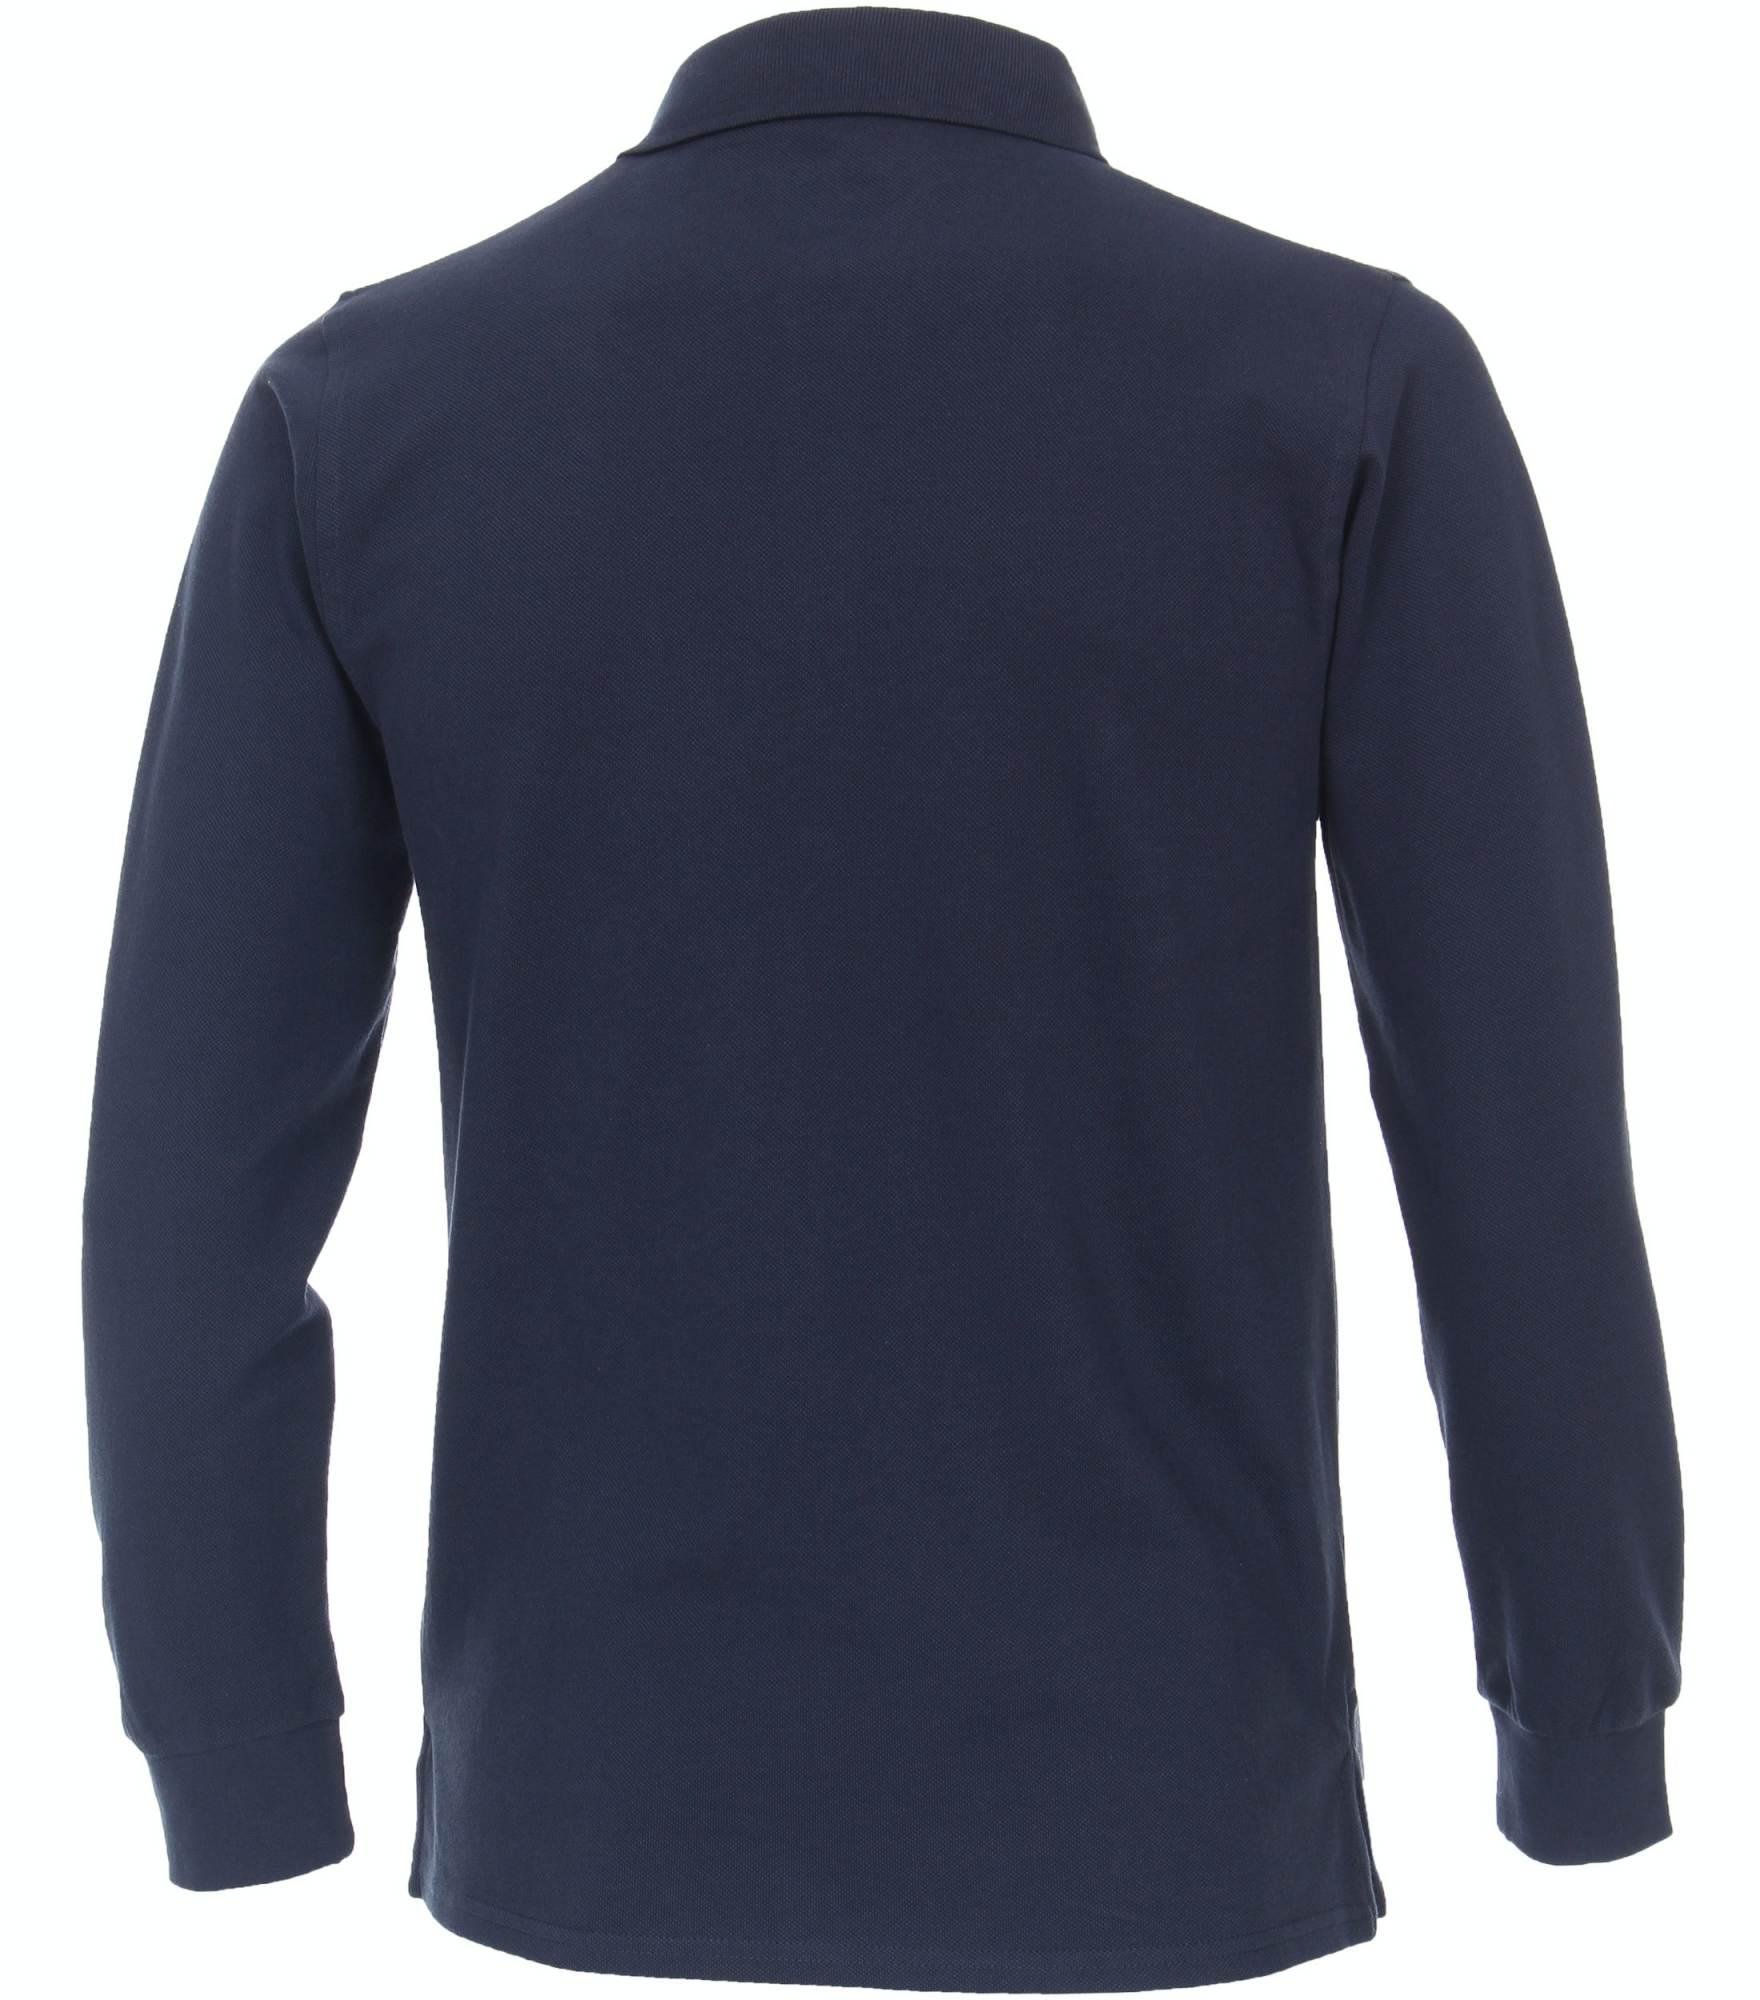 212895950 10 Navy Back - - Con Murphys Menswear